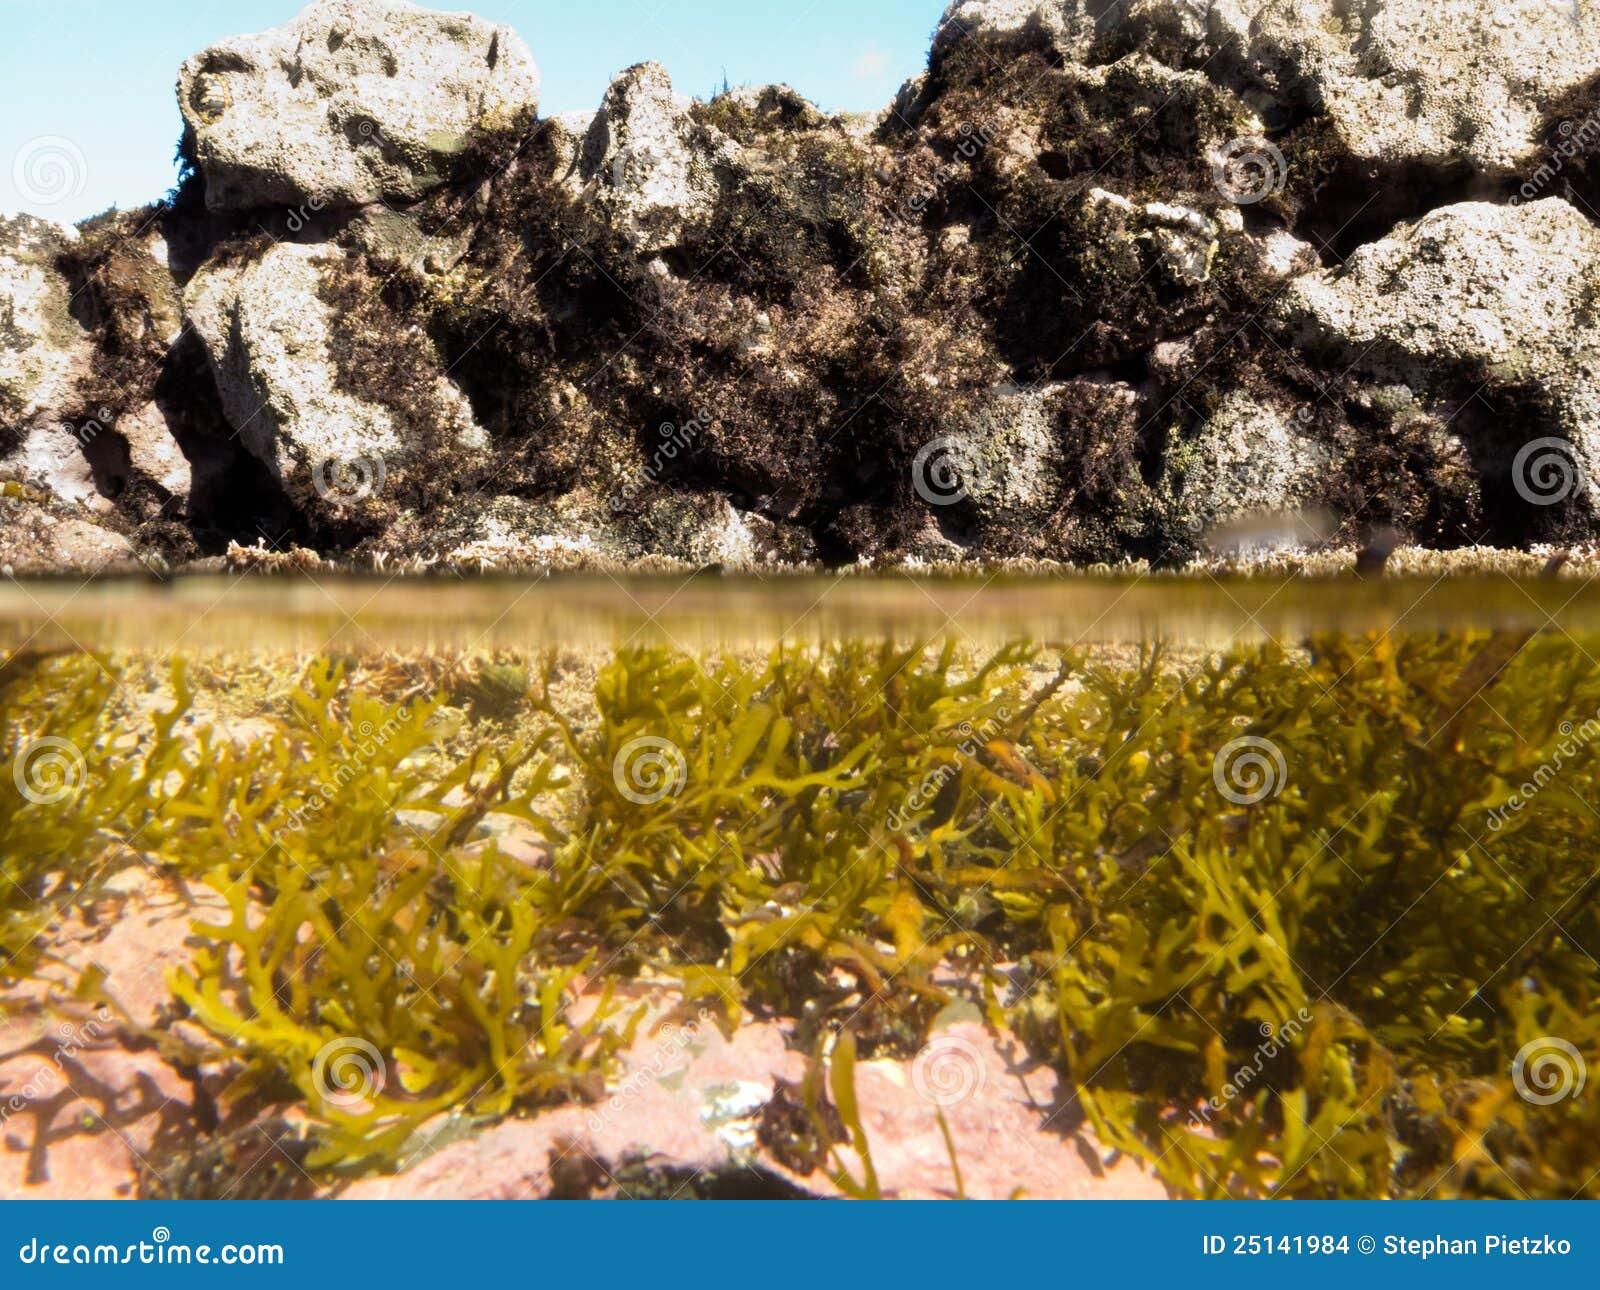 Sobre-sob o split disparado da água desobstruída na associação maré